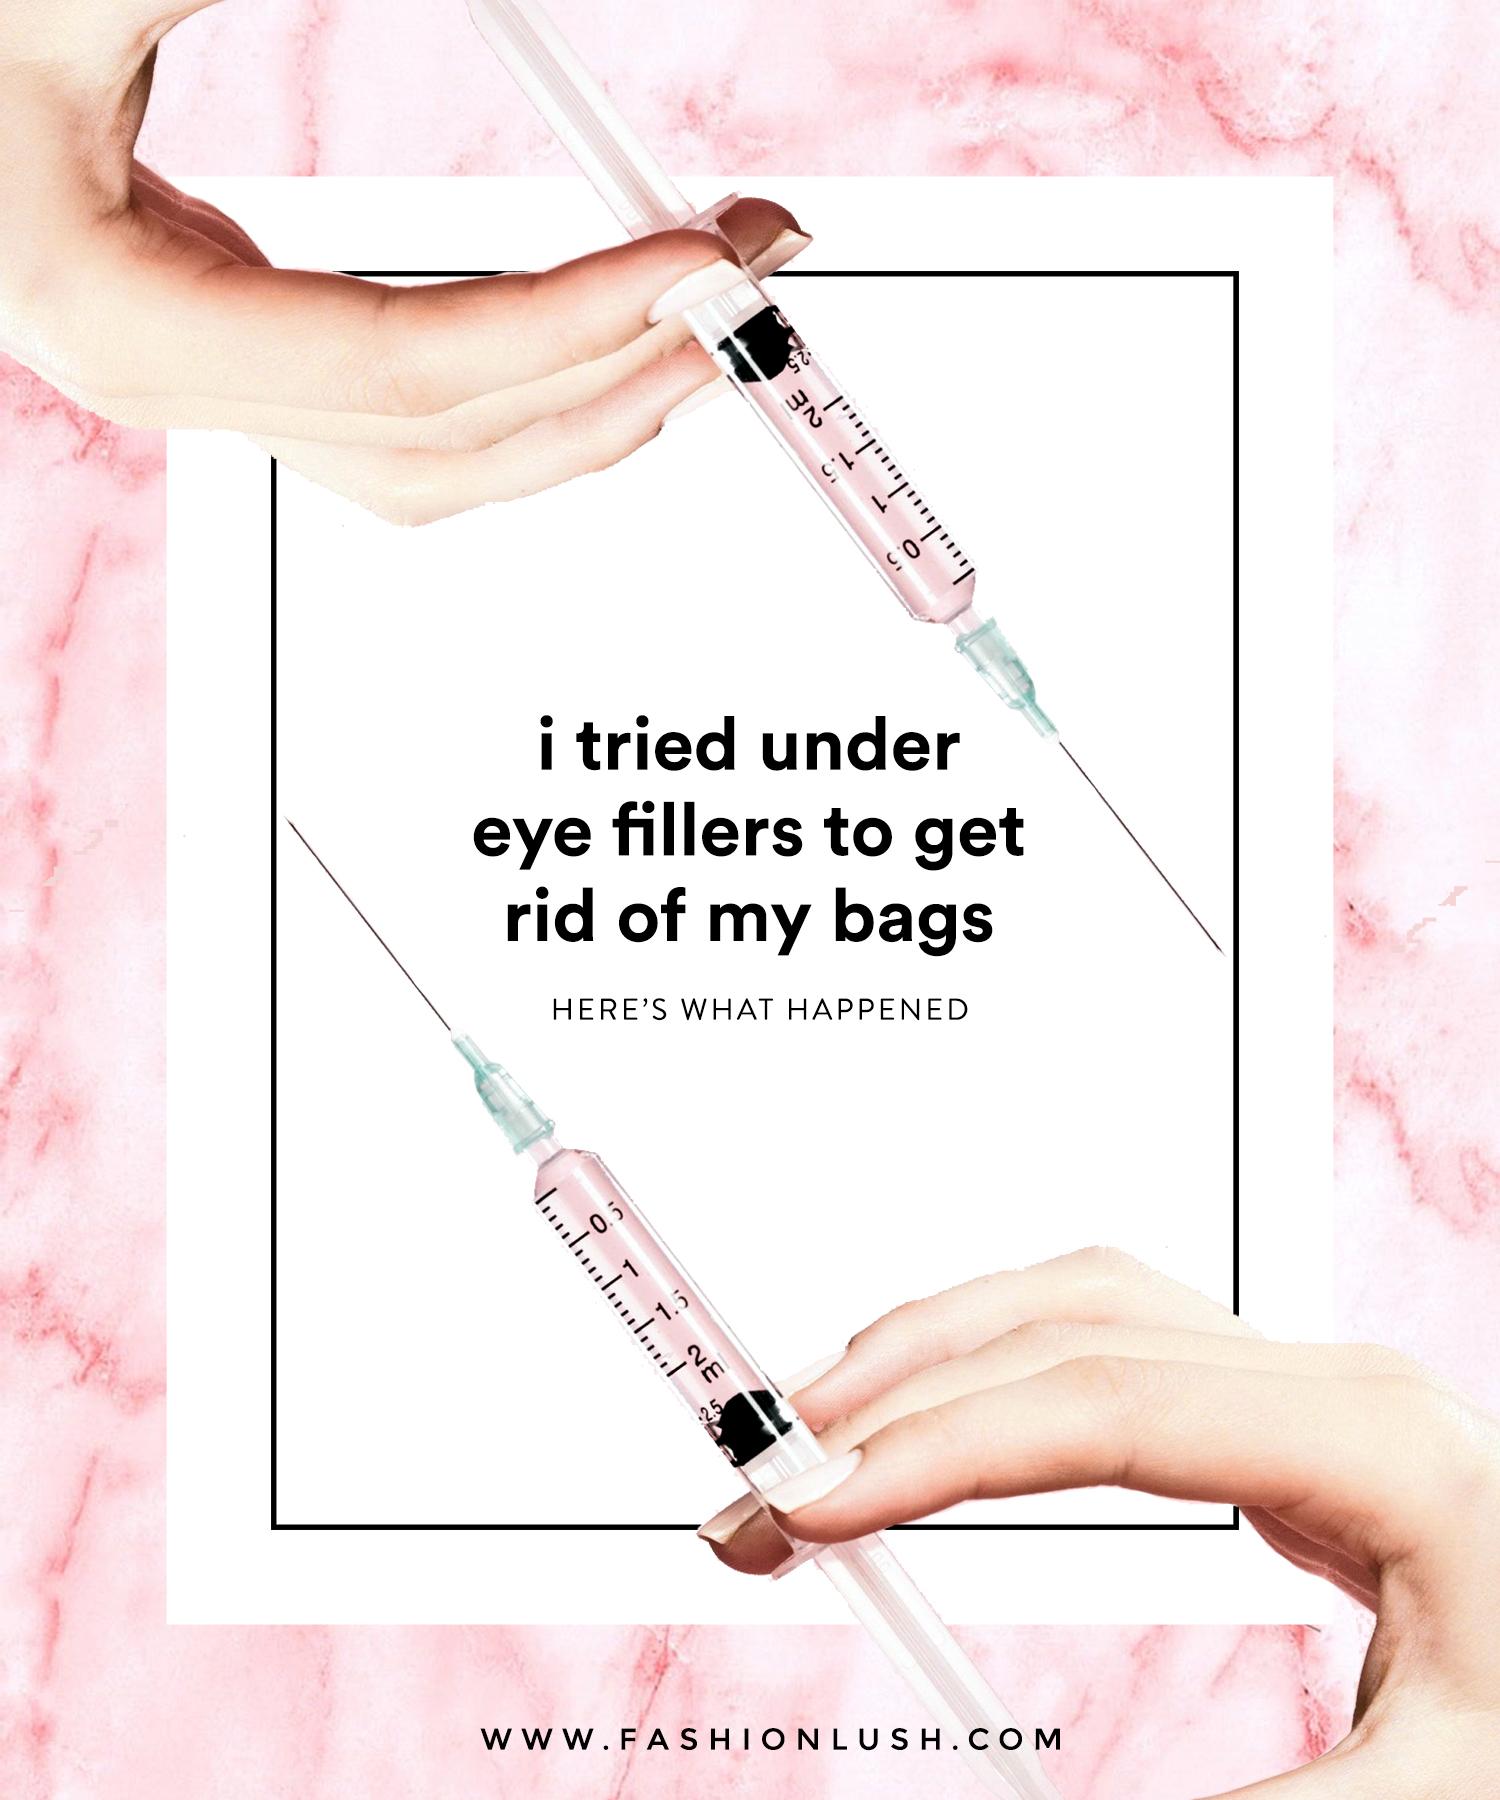 fashionlush, under eye fillers, get rid of under eye bags